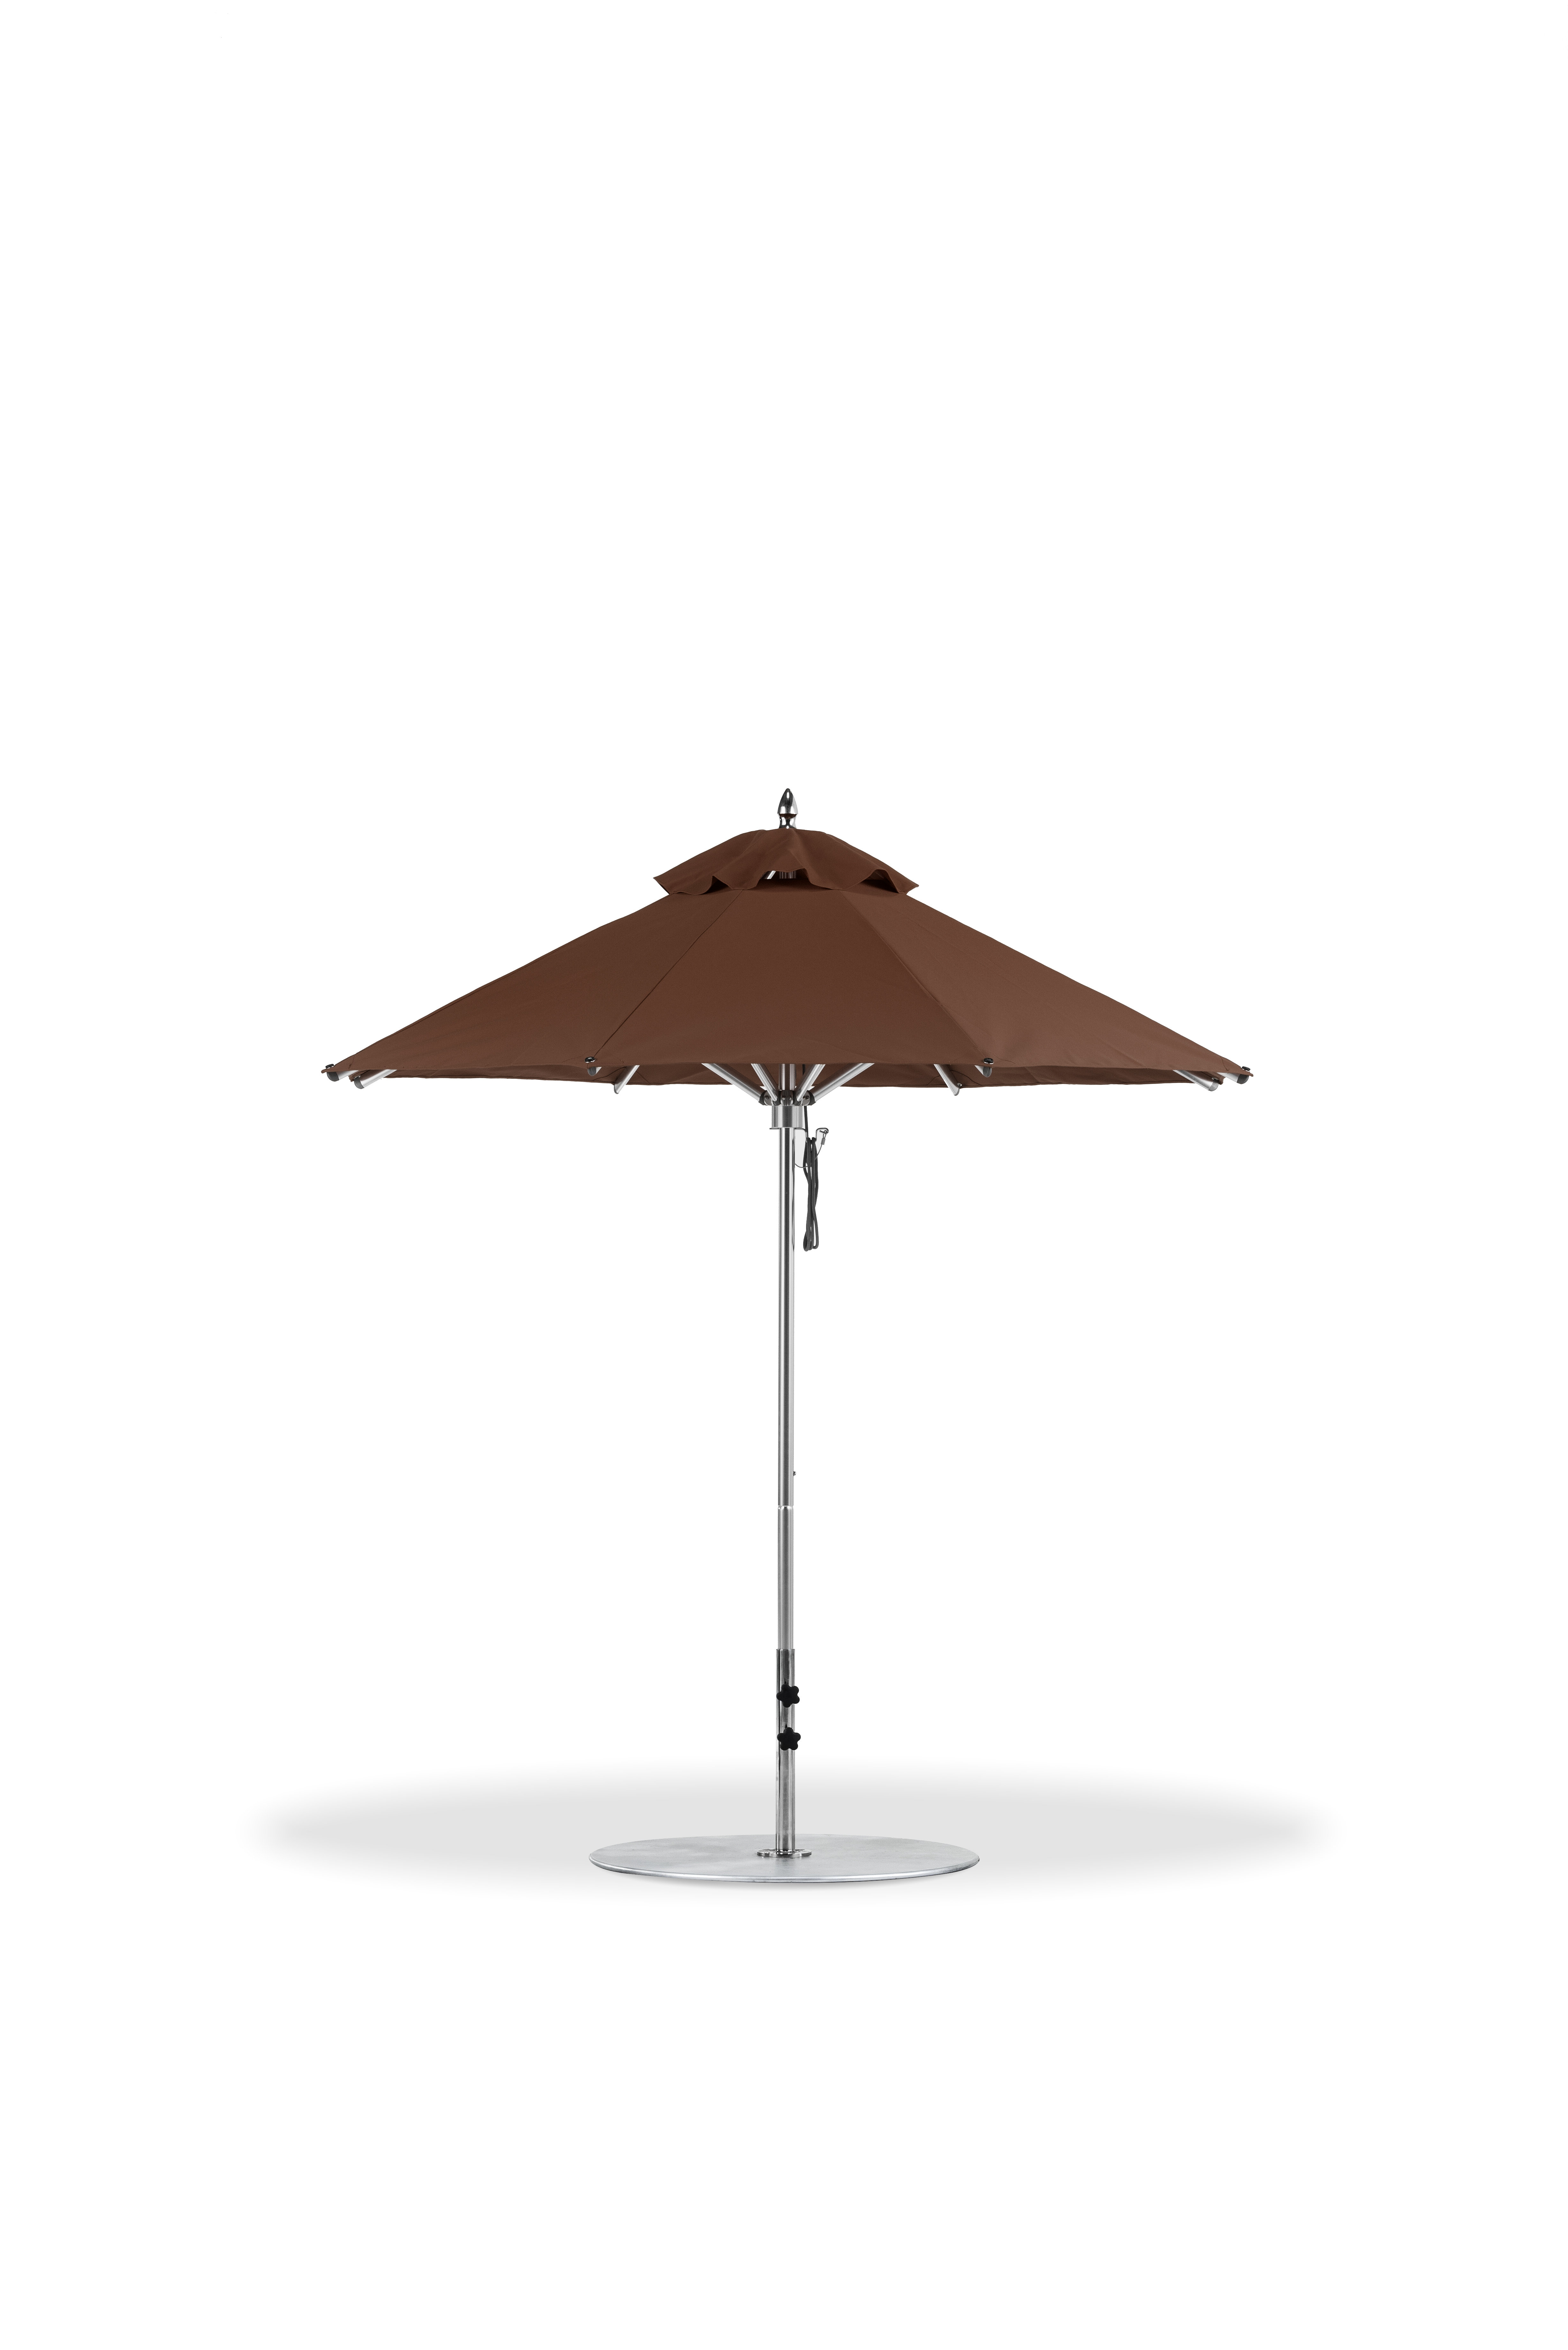 Zeman Market Umbrellas In Most Current Crick (View 13 of 20)